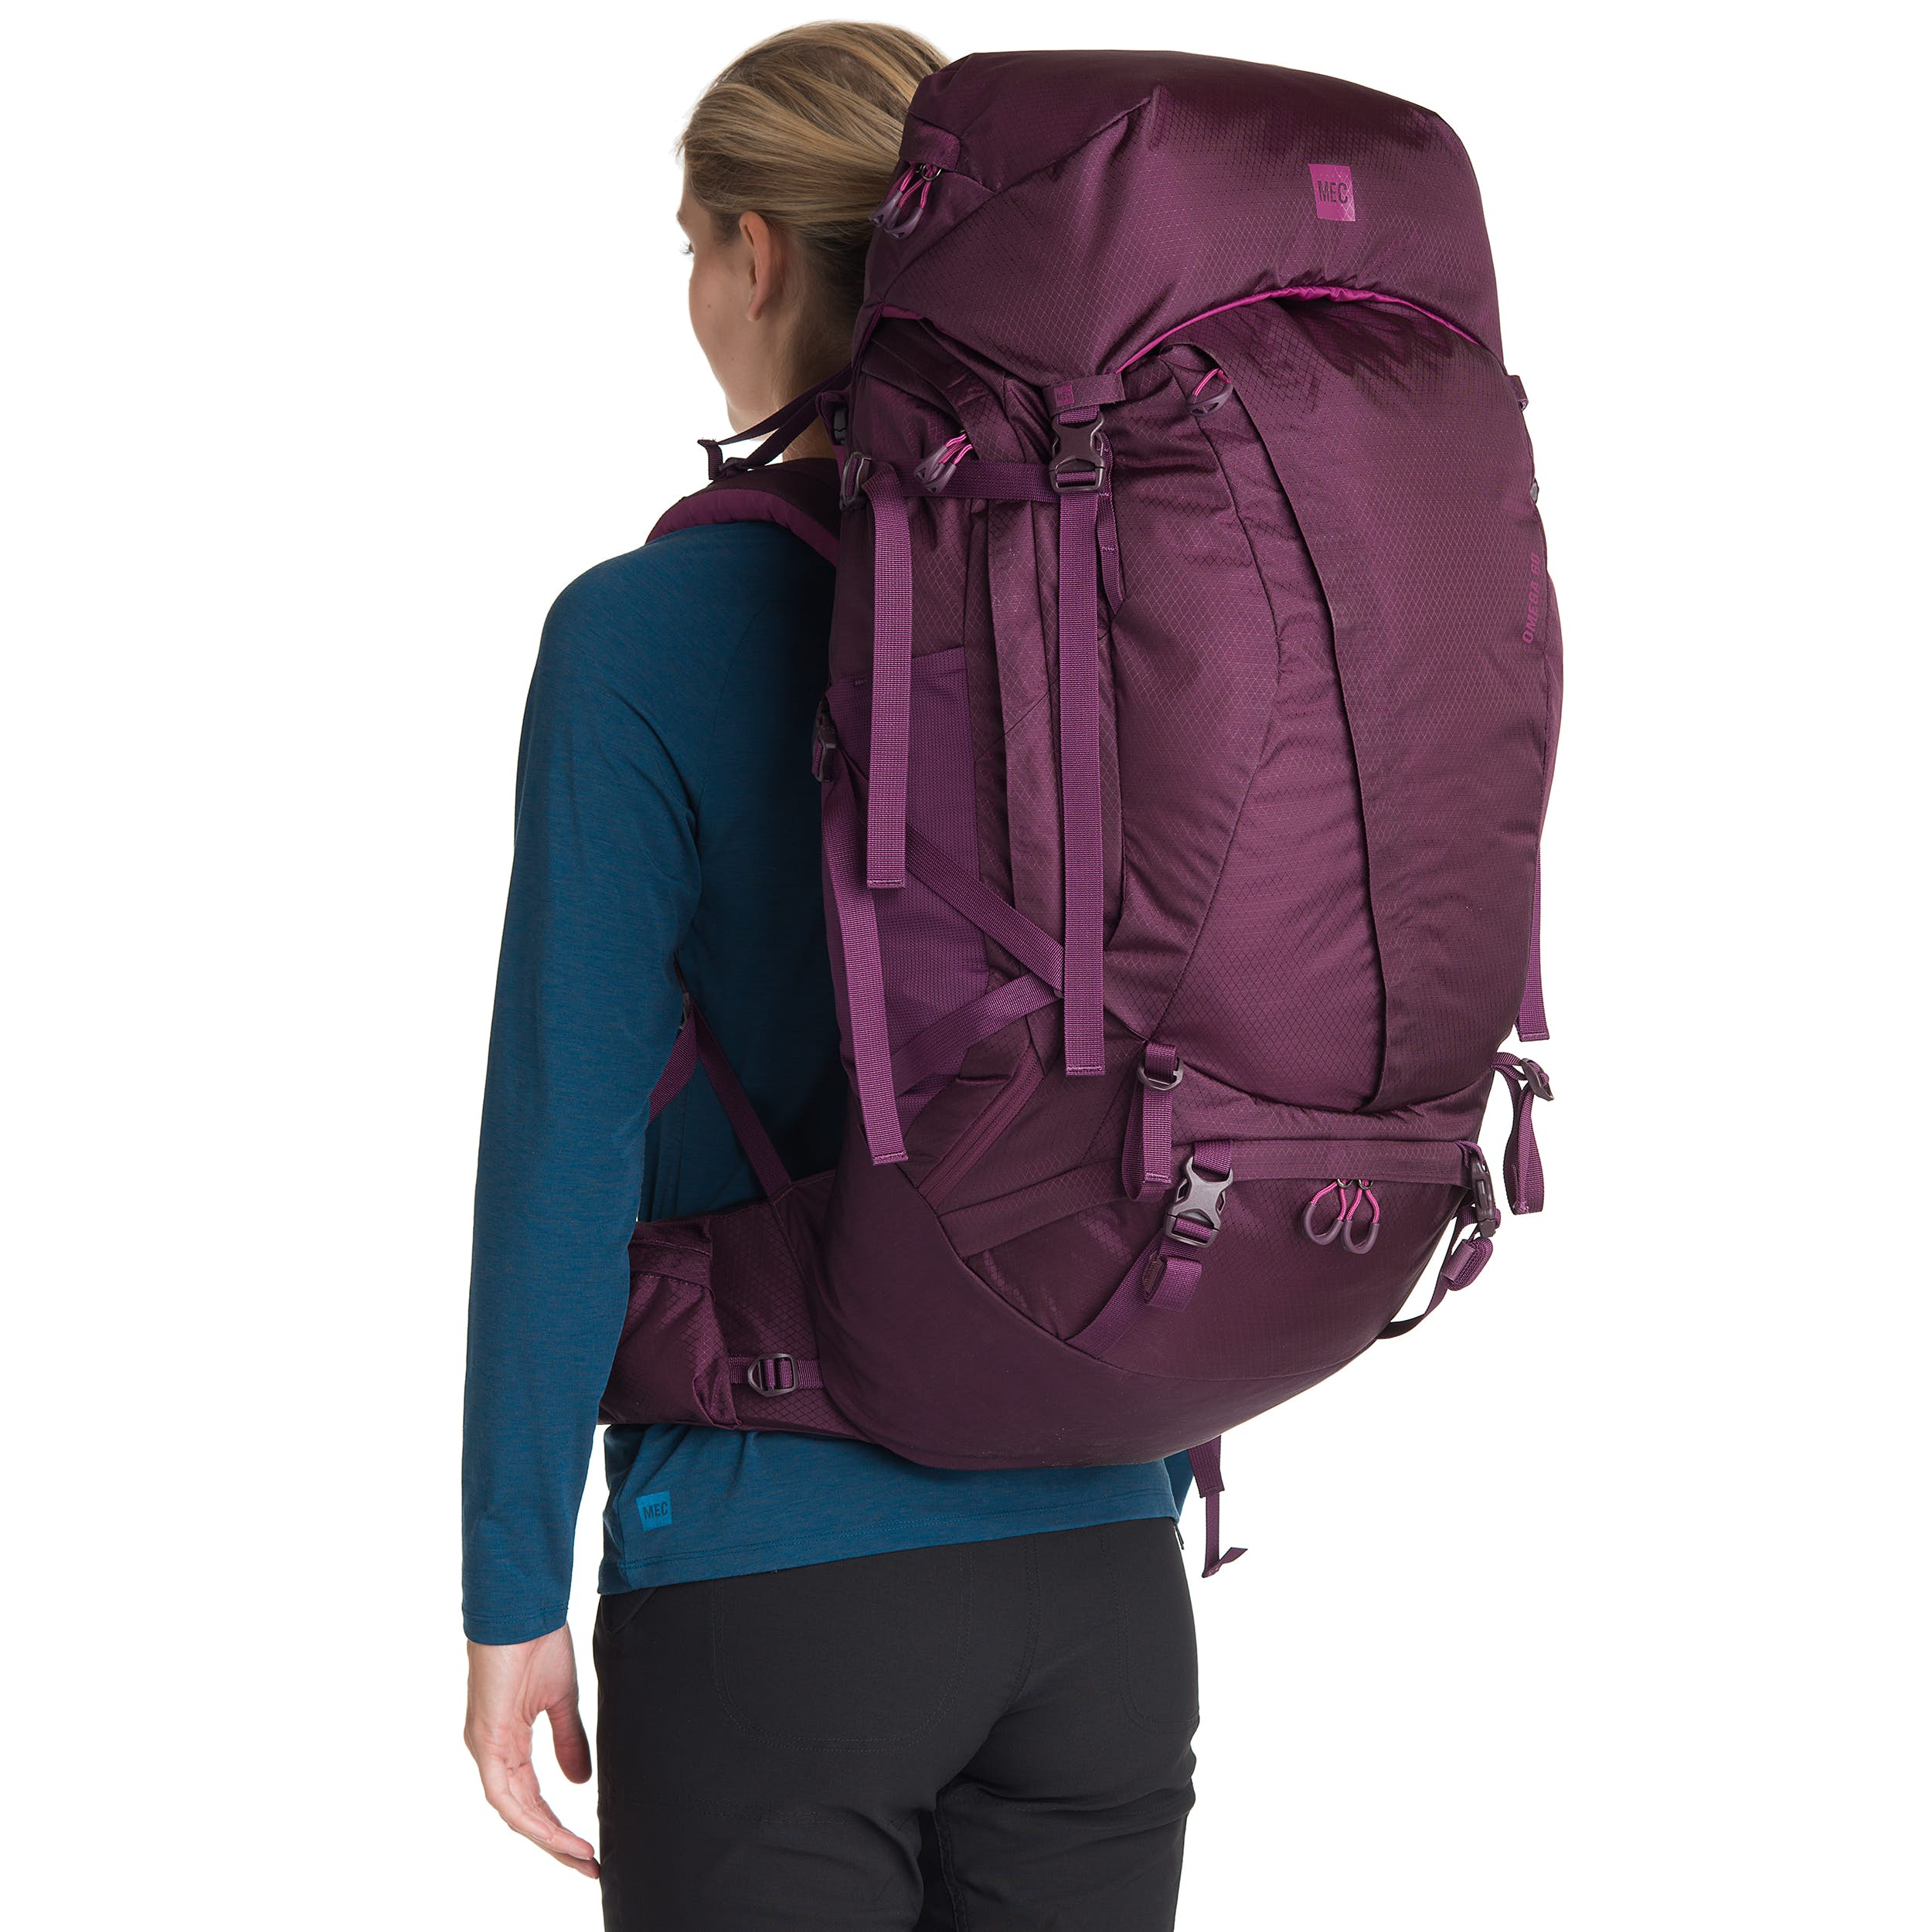 0a58d285a3 Bien choisir son sac à dos de randonnée - Le Cahier